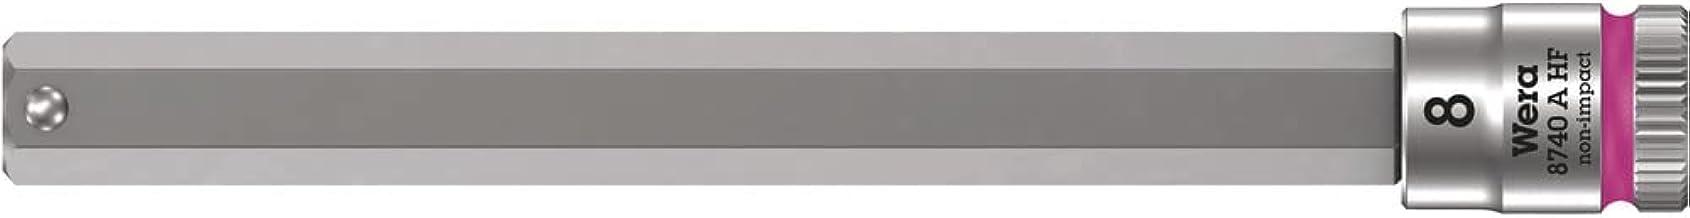 """Wera 05003340001 8740 A HF Zyklop Bitnuss z napędem 1/4"""" z funkcją przytrzymania, 8,0 x 100 mm, różowy"""